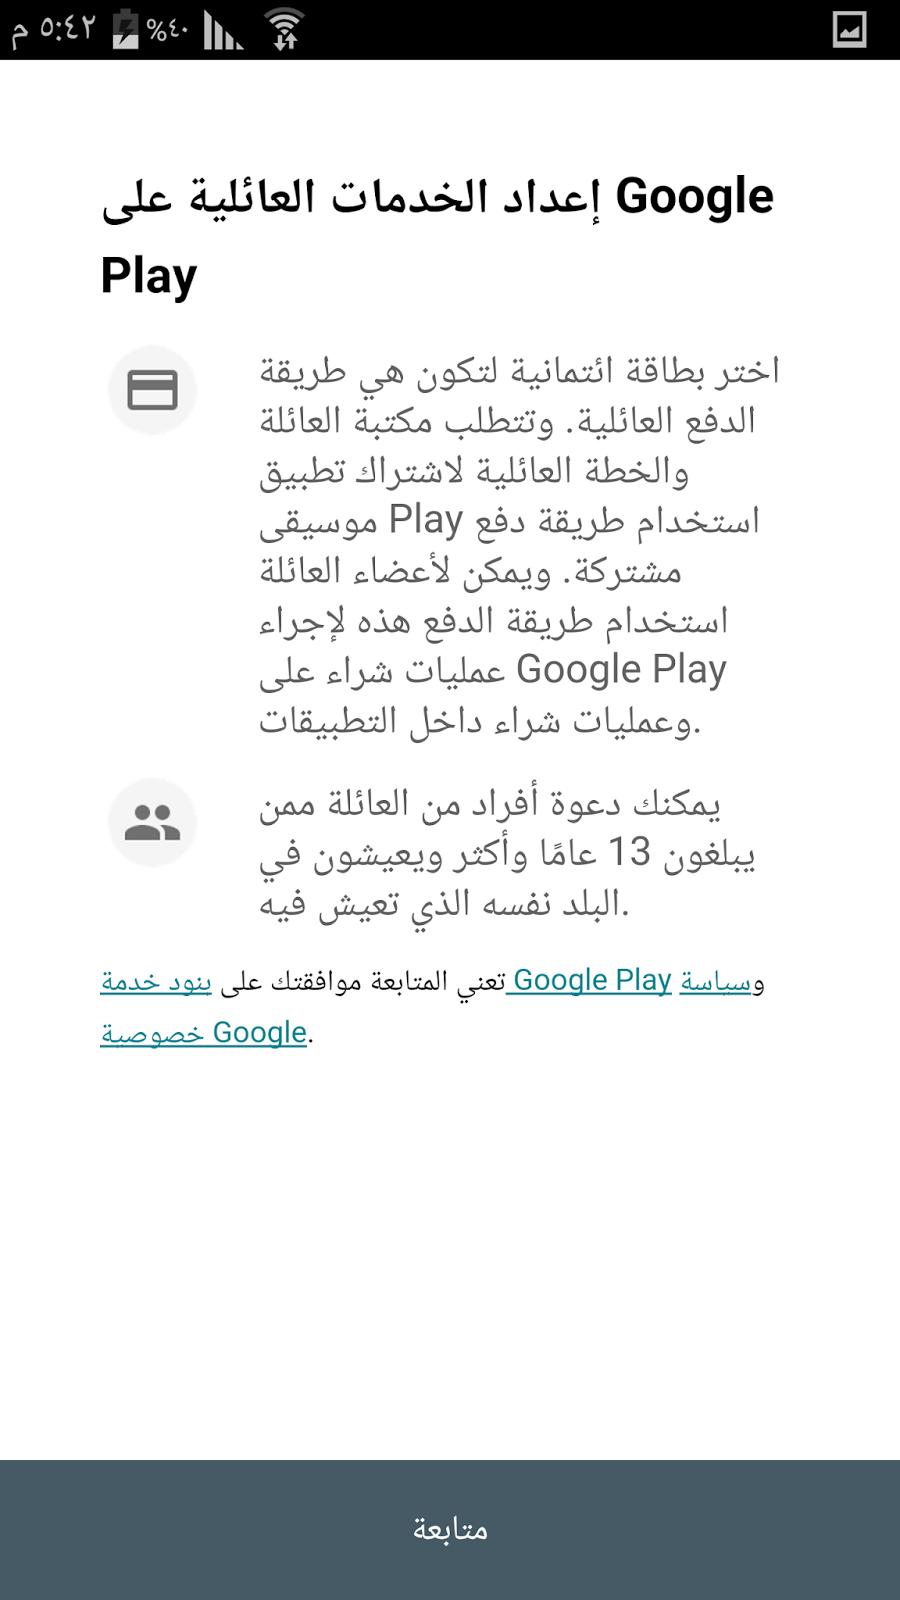 شرح مكتبة العائلة Family Library على جوجل بلاي المهمة جداً !! | بحرية درويد